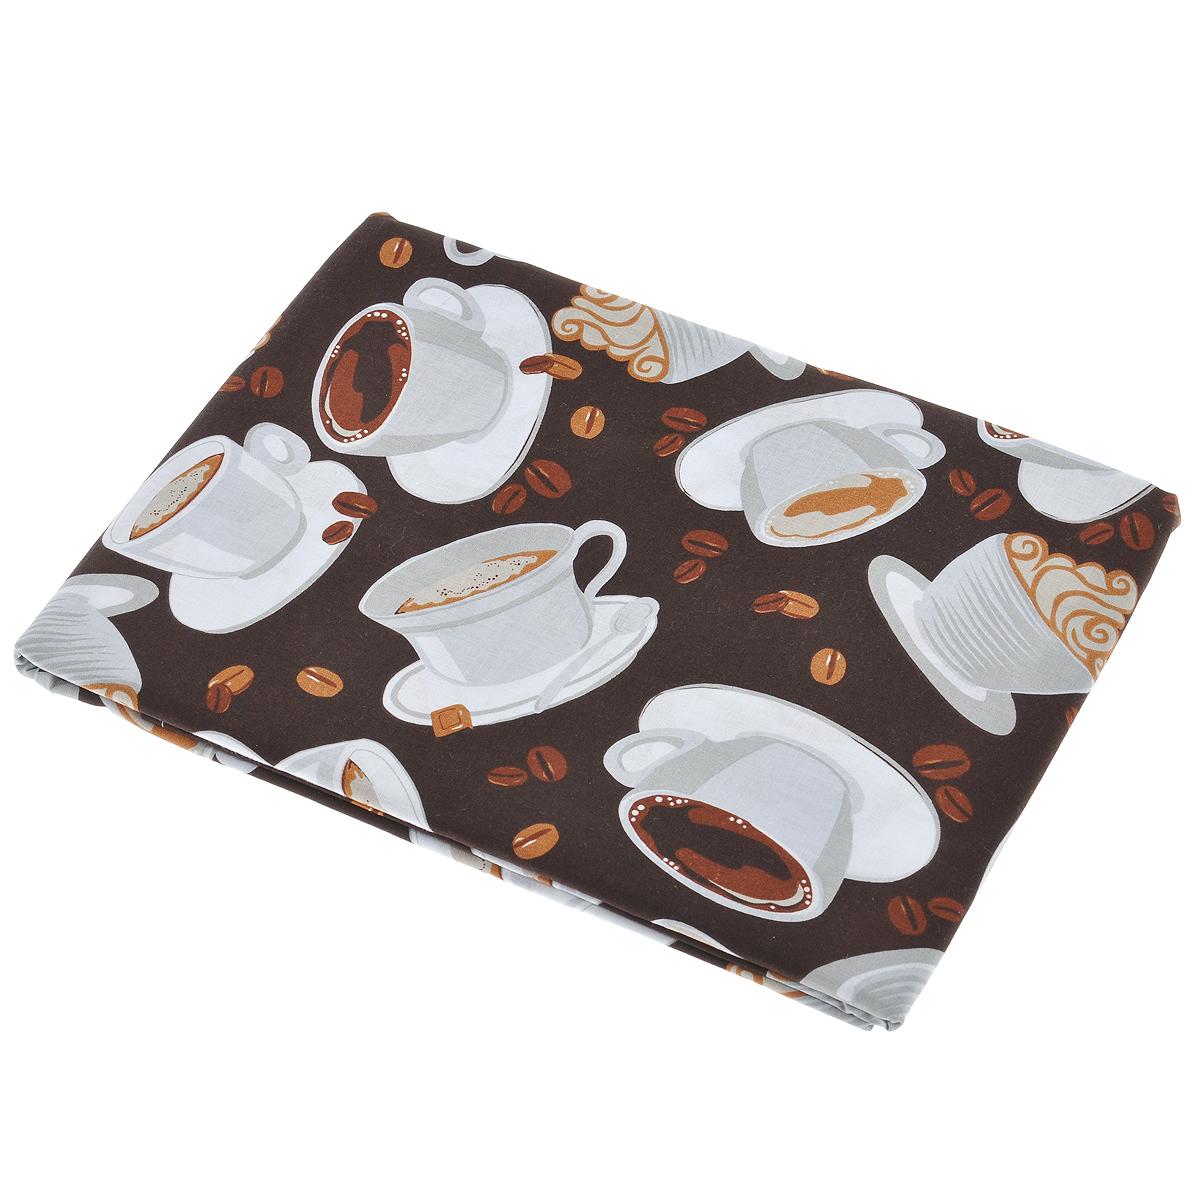 Скатерть House & Holder Чашка кофе, прямоугольная, 140 x 180 смCO-TC033(F9564)Скатерть House & Holder Чашка кофе изготовлена из хлопка. Использование такой скатерти сделает застолье более торжественным, поднимет настроение гостей и приятно удивит их вашим изысканным вкусом. Также вы можете использовать эту скатерть для повседневной трапезы, превратив каждый прием пищи в волшебный праздник и веселье. Не рекомендуется гладить и стирать в стиральной машине.